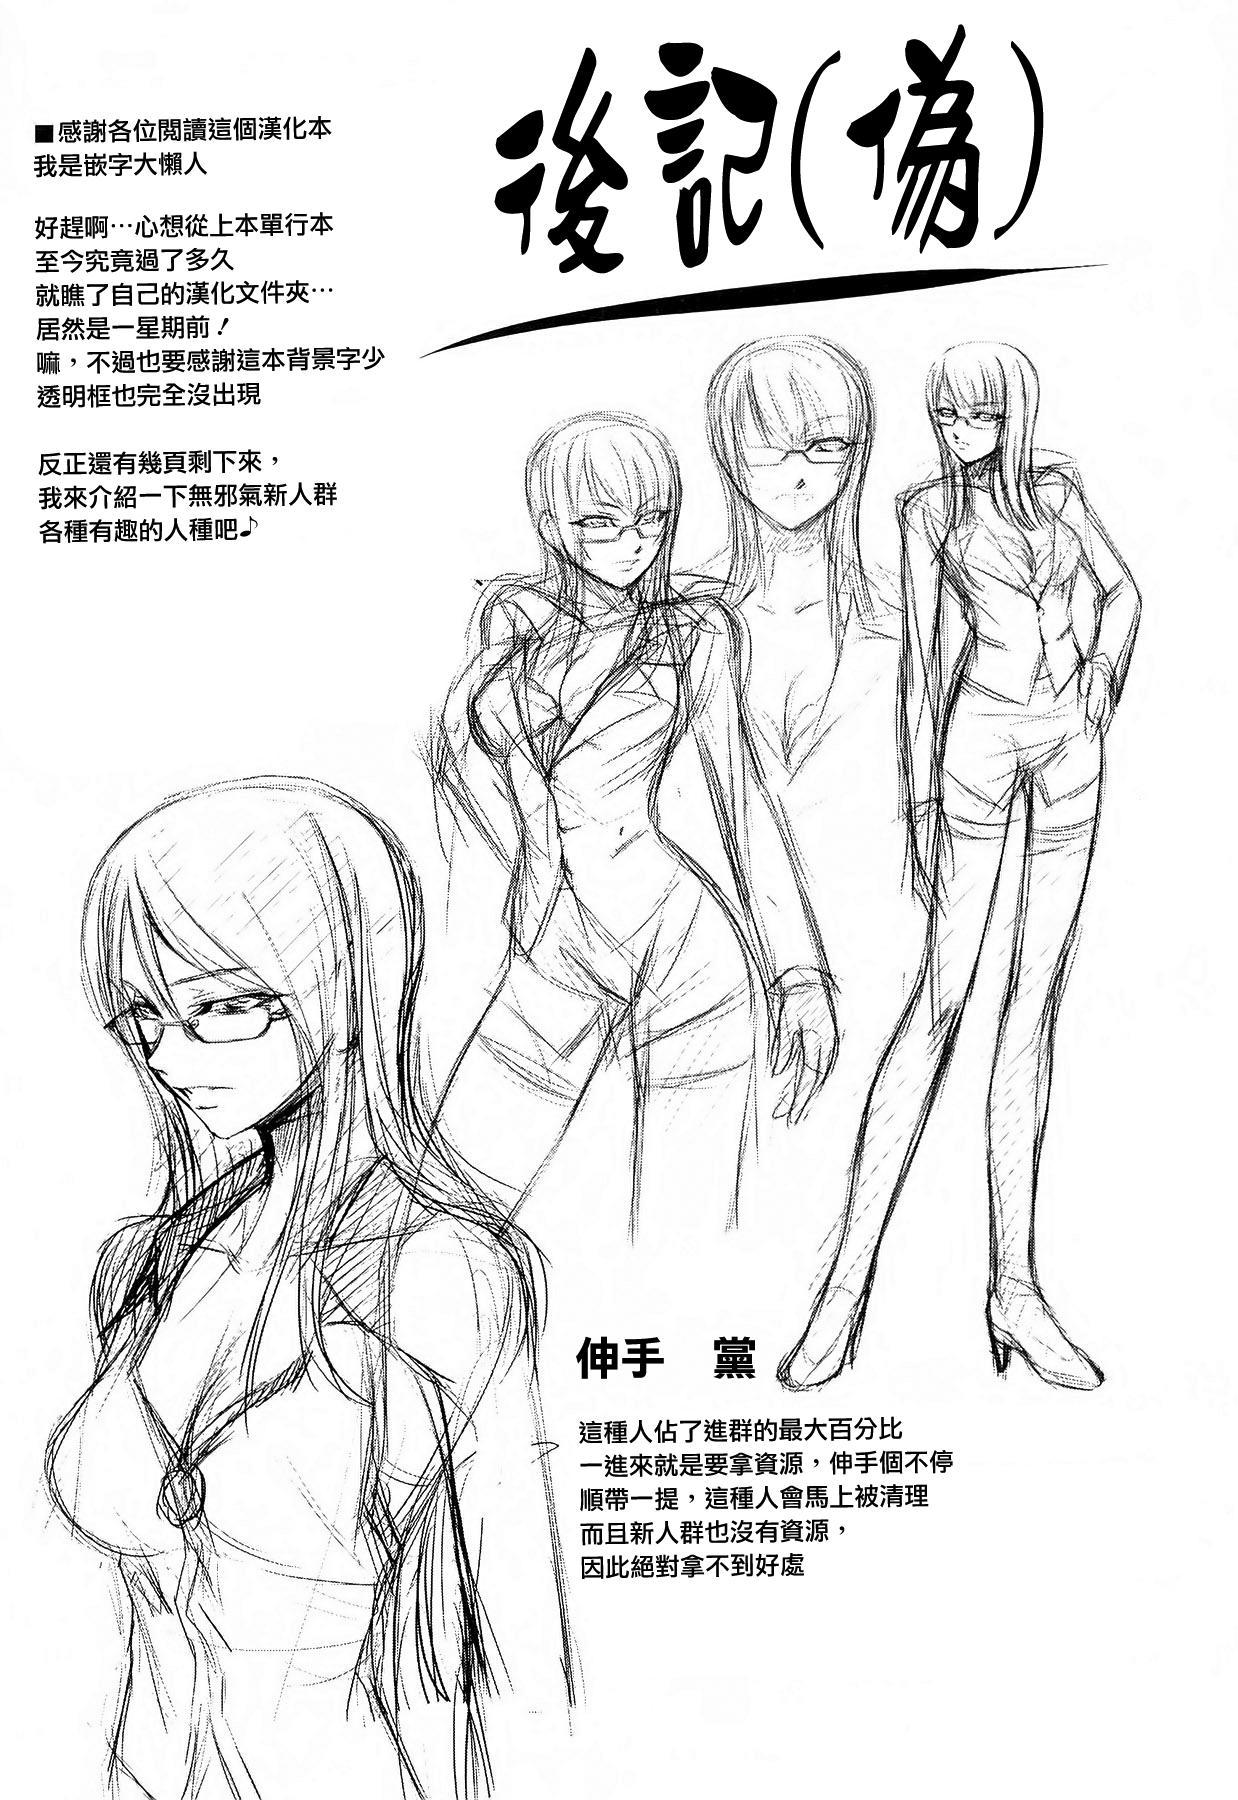 Onna Kyoushi no Renai Jijou 218